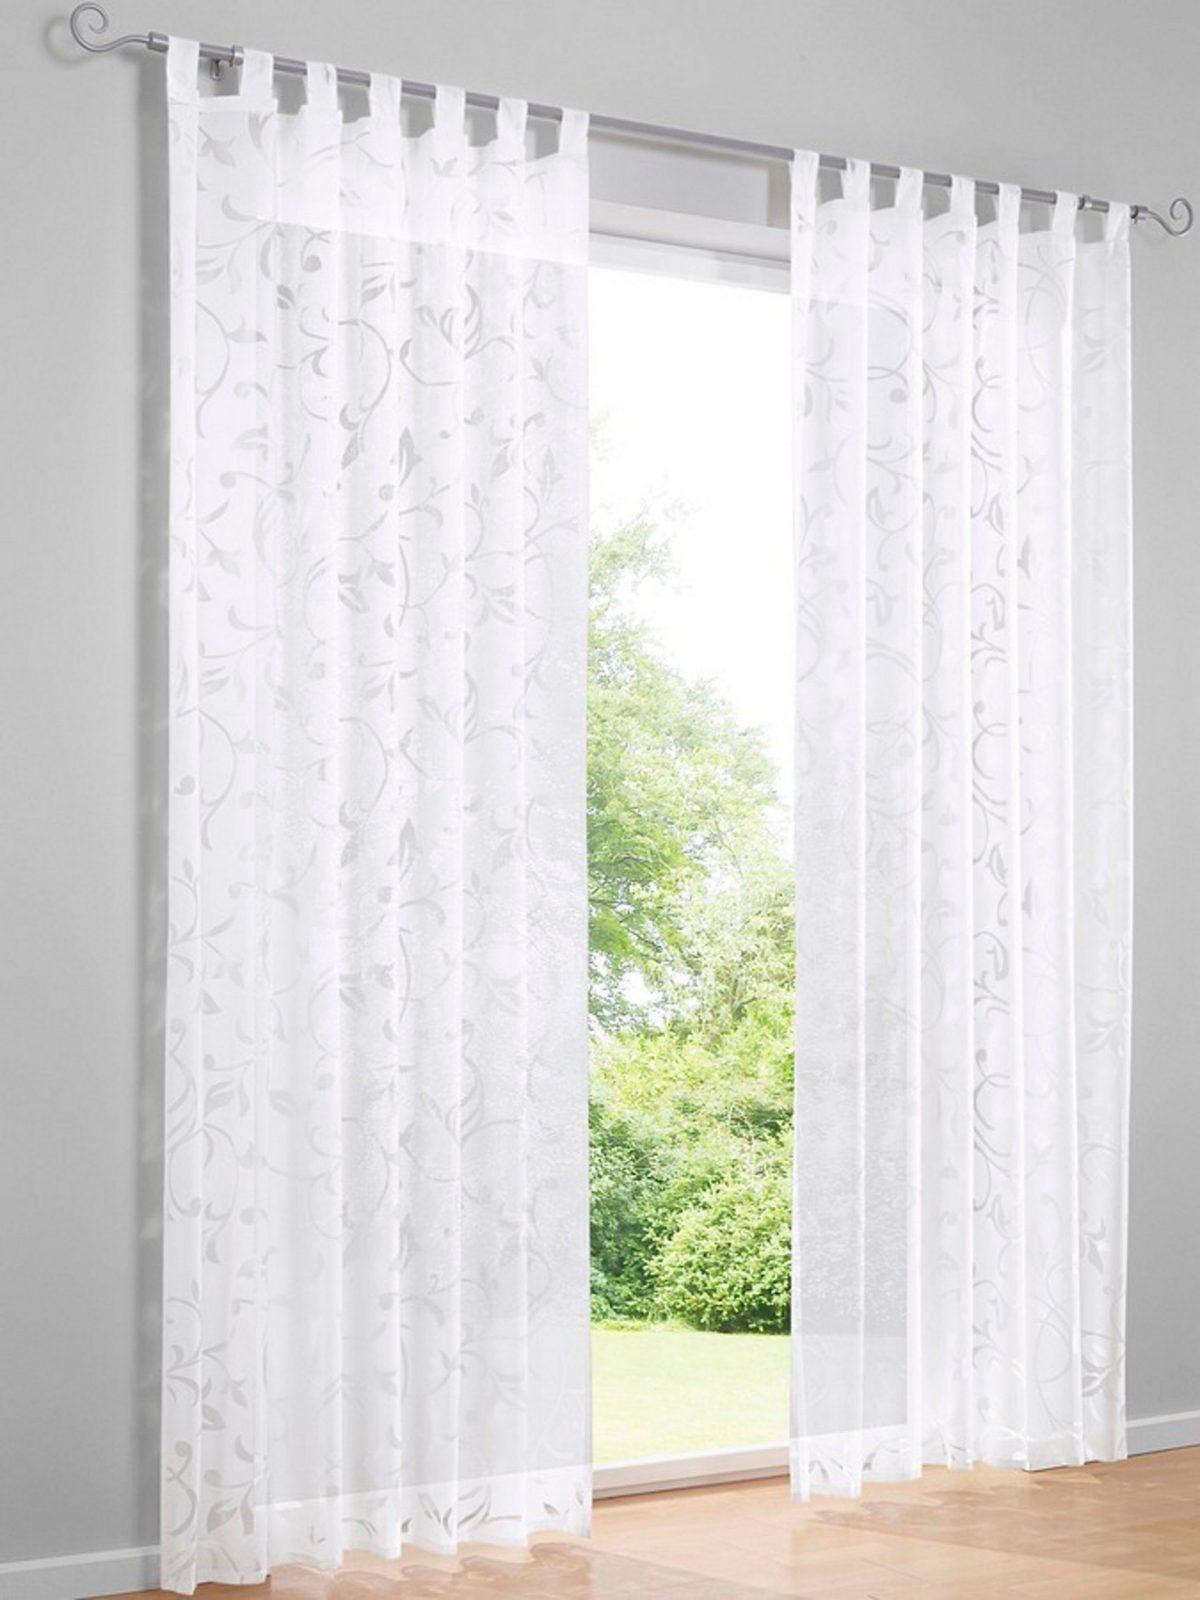 Gardinen Erstaunlich Gardinen Weiß Waschen Tolle Gardinen Weiß von Gardinen Waschen Weichspüler Bild